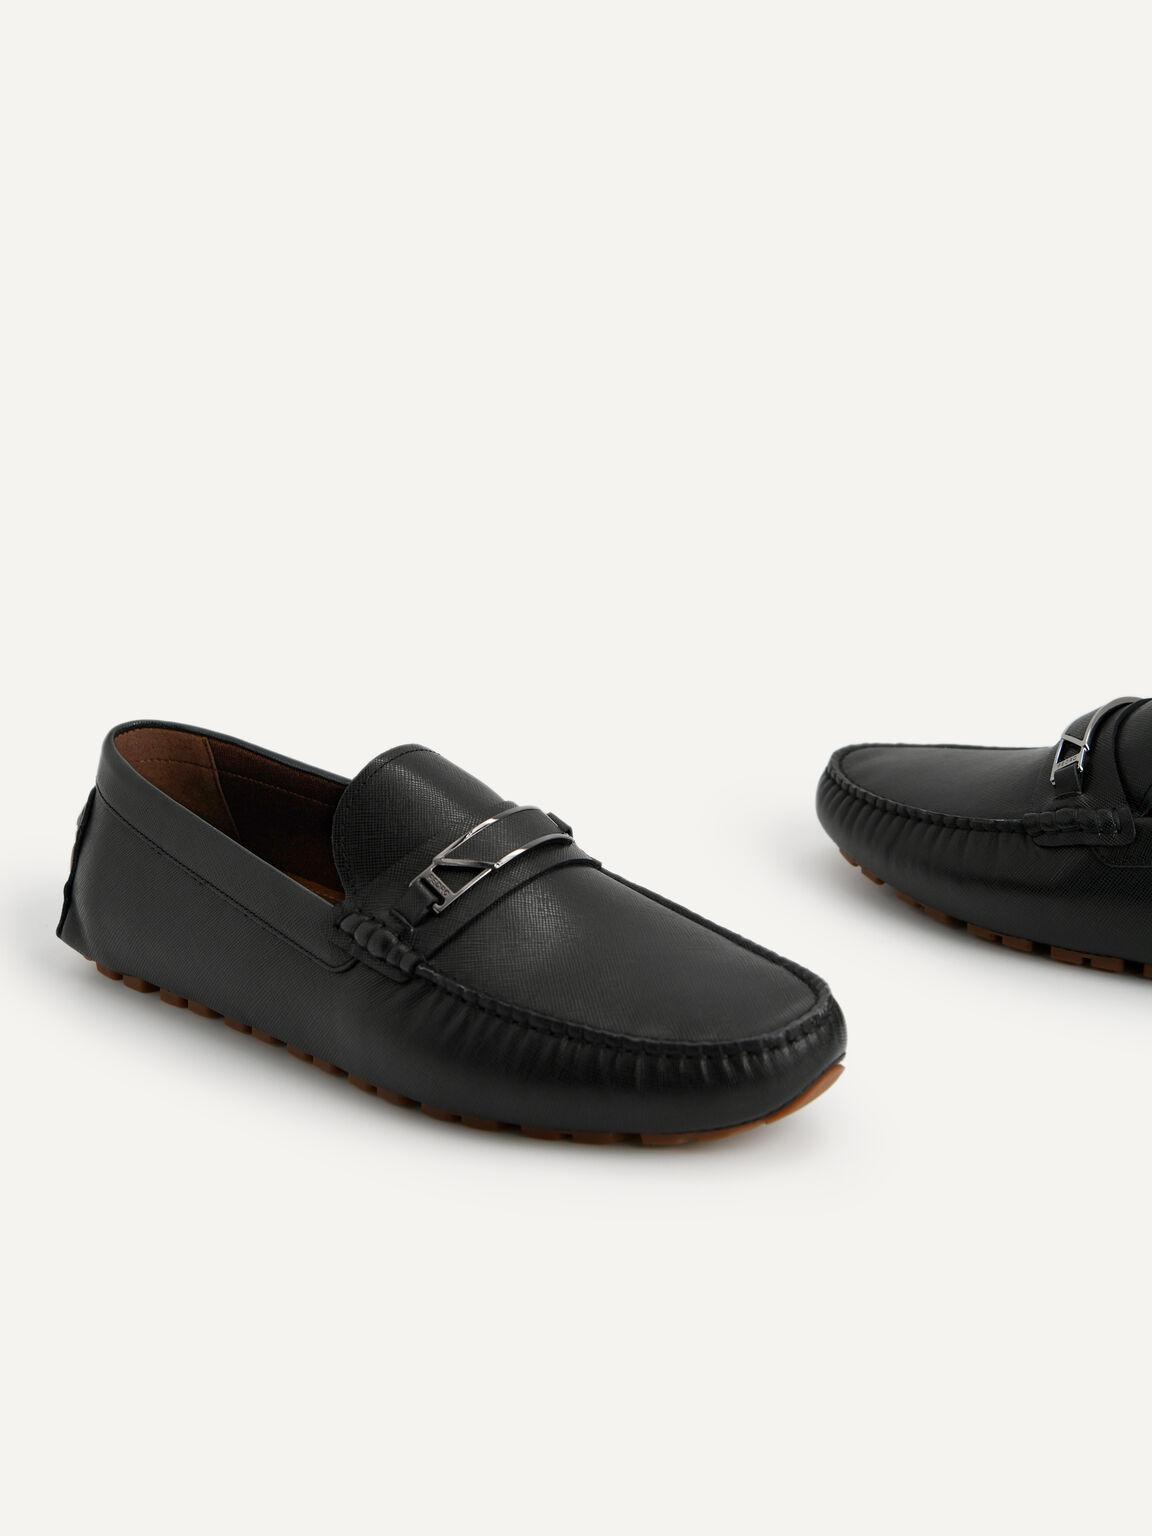 金屬裝飾皮革莫卡辛鞋, 黑色, hi-res